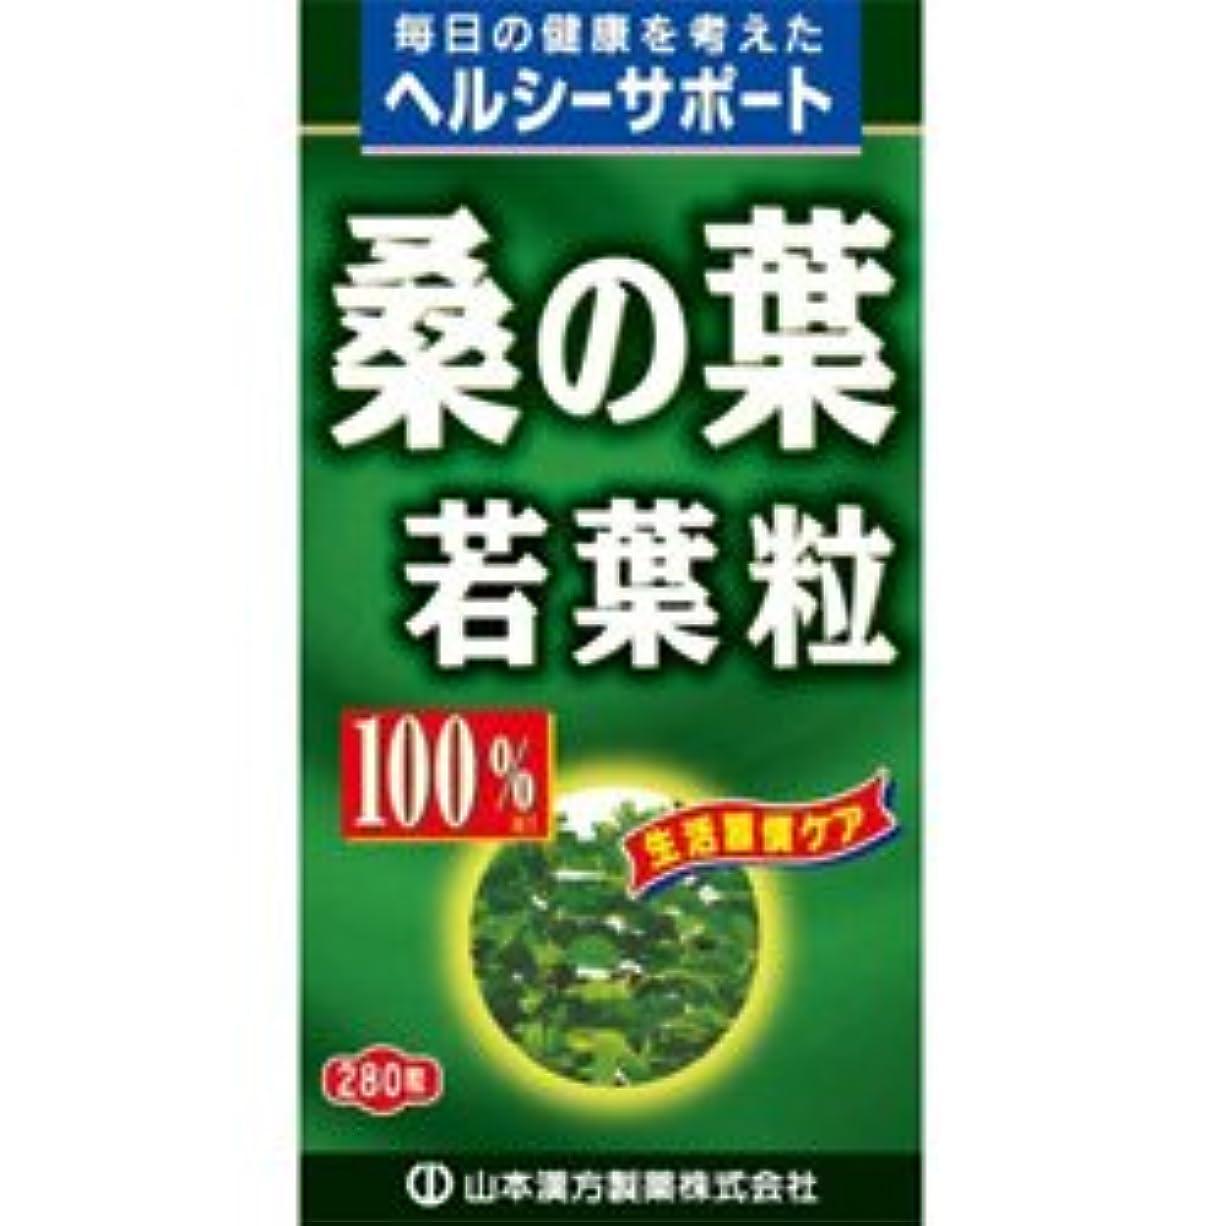 接ぎ木億興味【山本漢方製薬】桑の葉粒 100% 280粒 ×10個セット